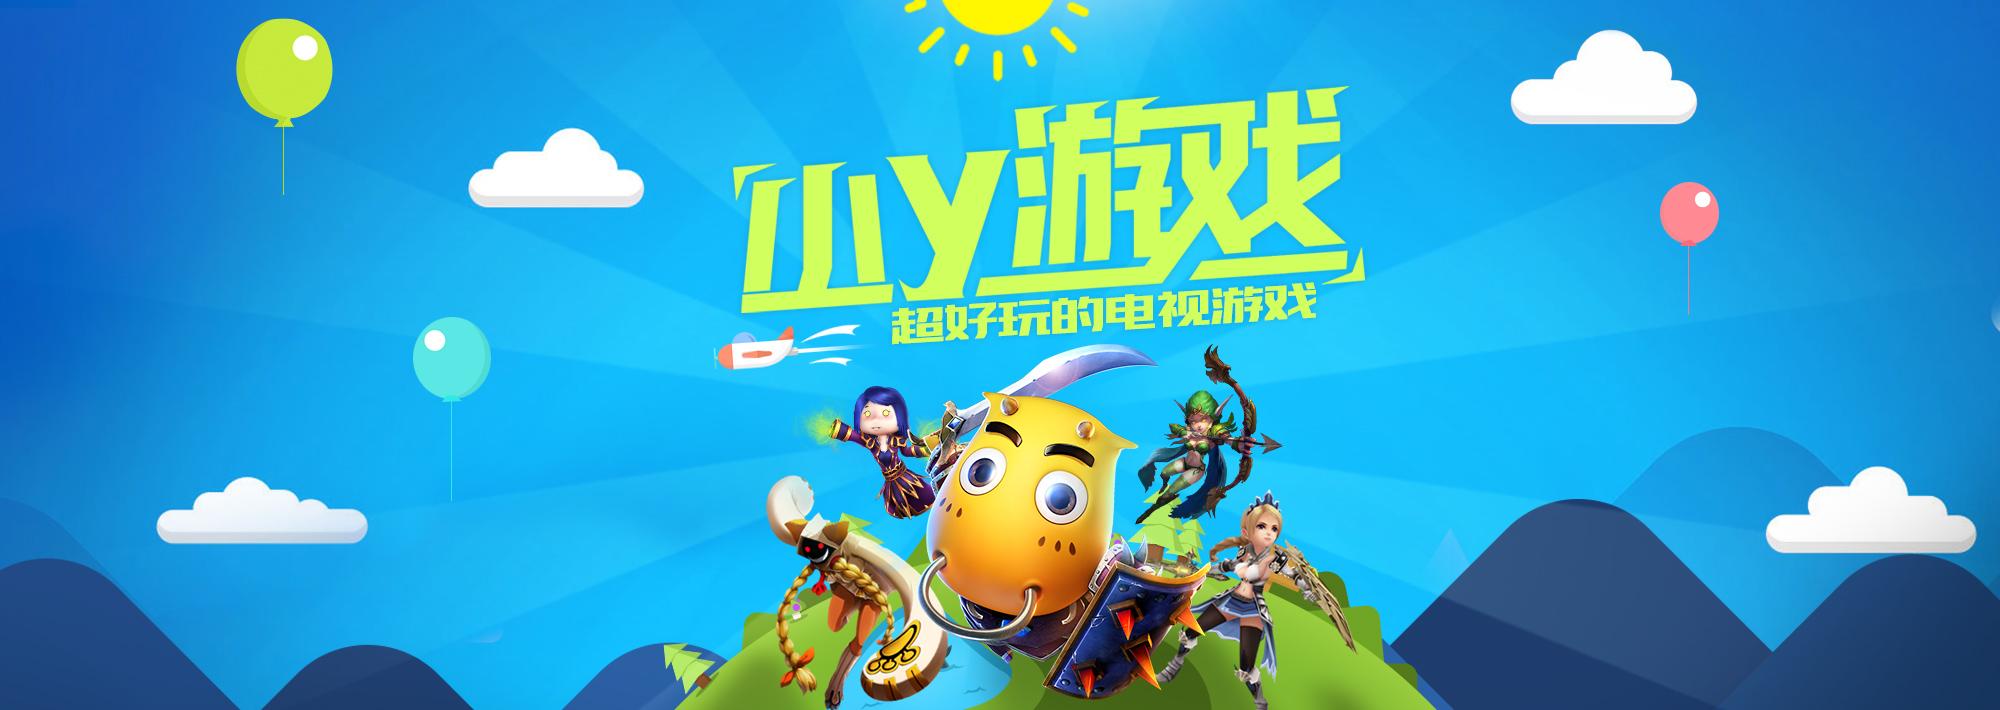 电视游戏_小y游戏厅